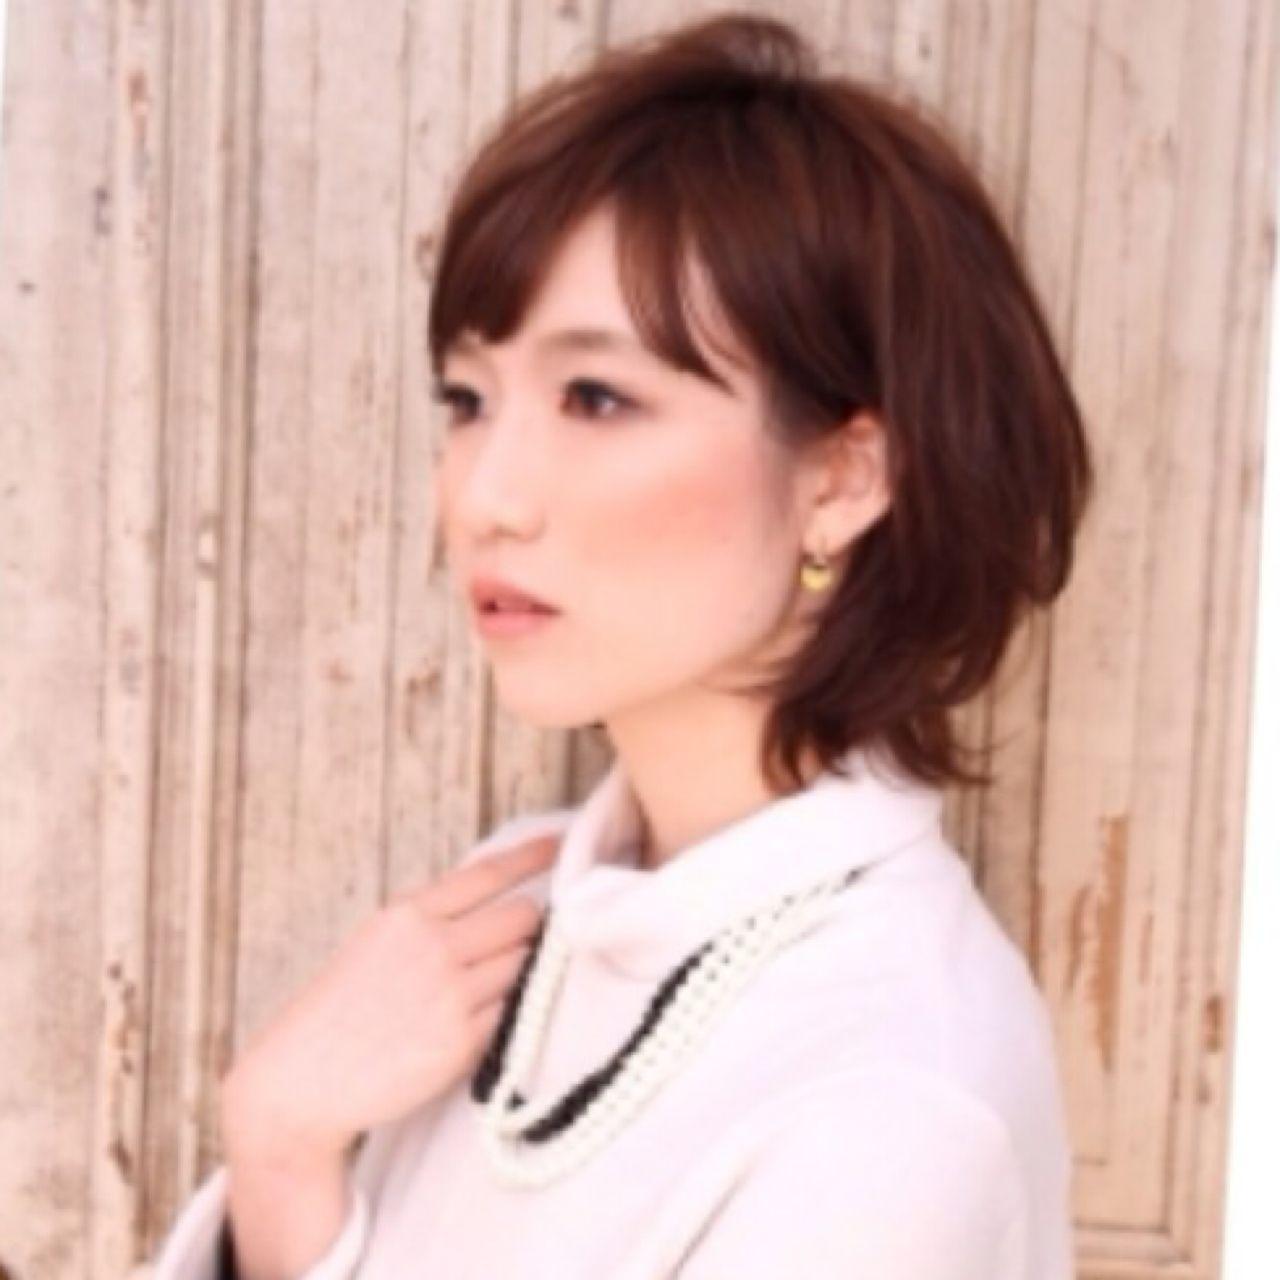 モテ髪 ミディアム 愛され フェミニン ヘアスタイルや髪型の写真・画像 | Ayumi Watanabe /